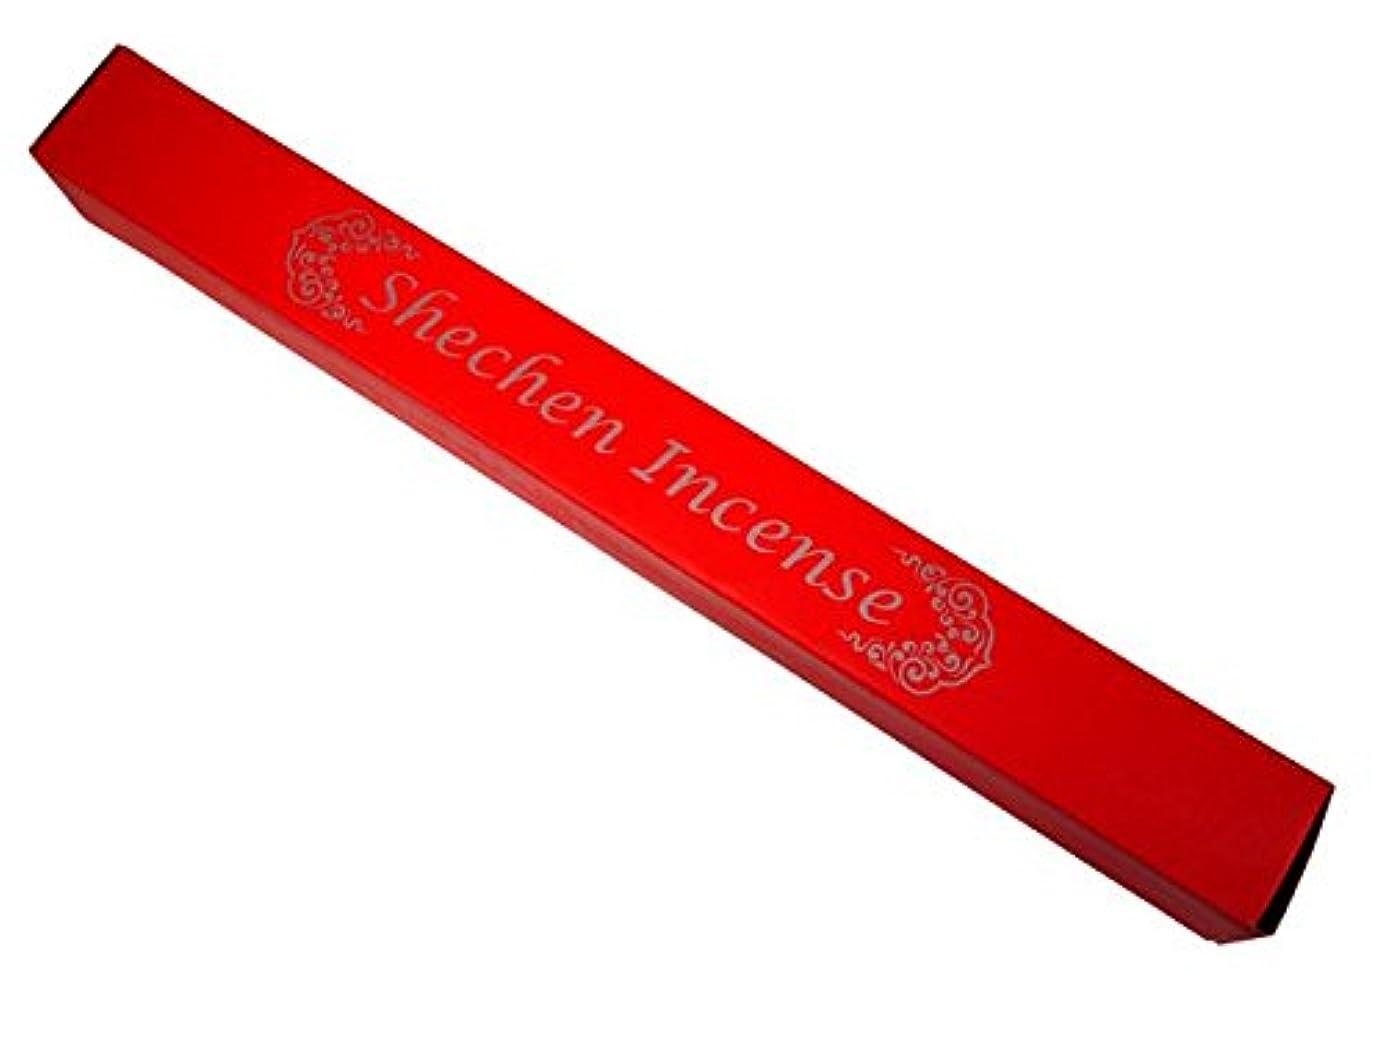 マウント分解する大胆シェチェンモナストリ チベット仏教寺院シェチェンモナストリのお香【Shechen Incense RED】